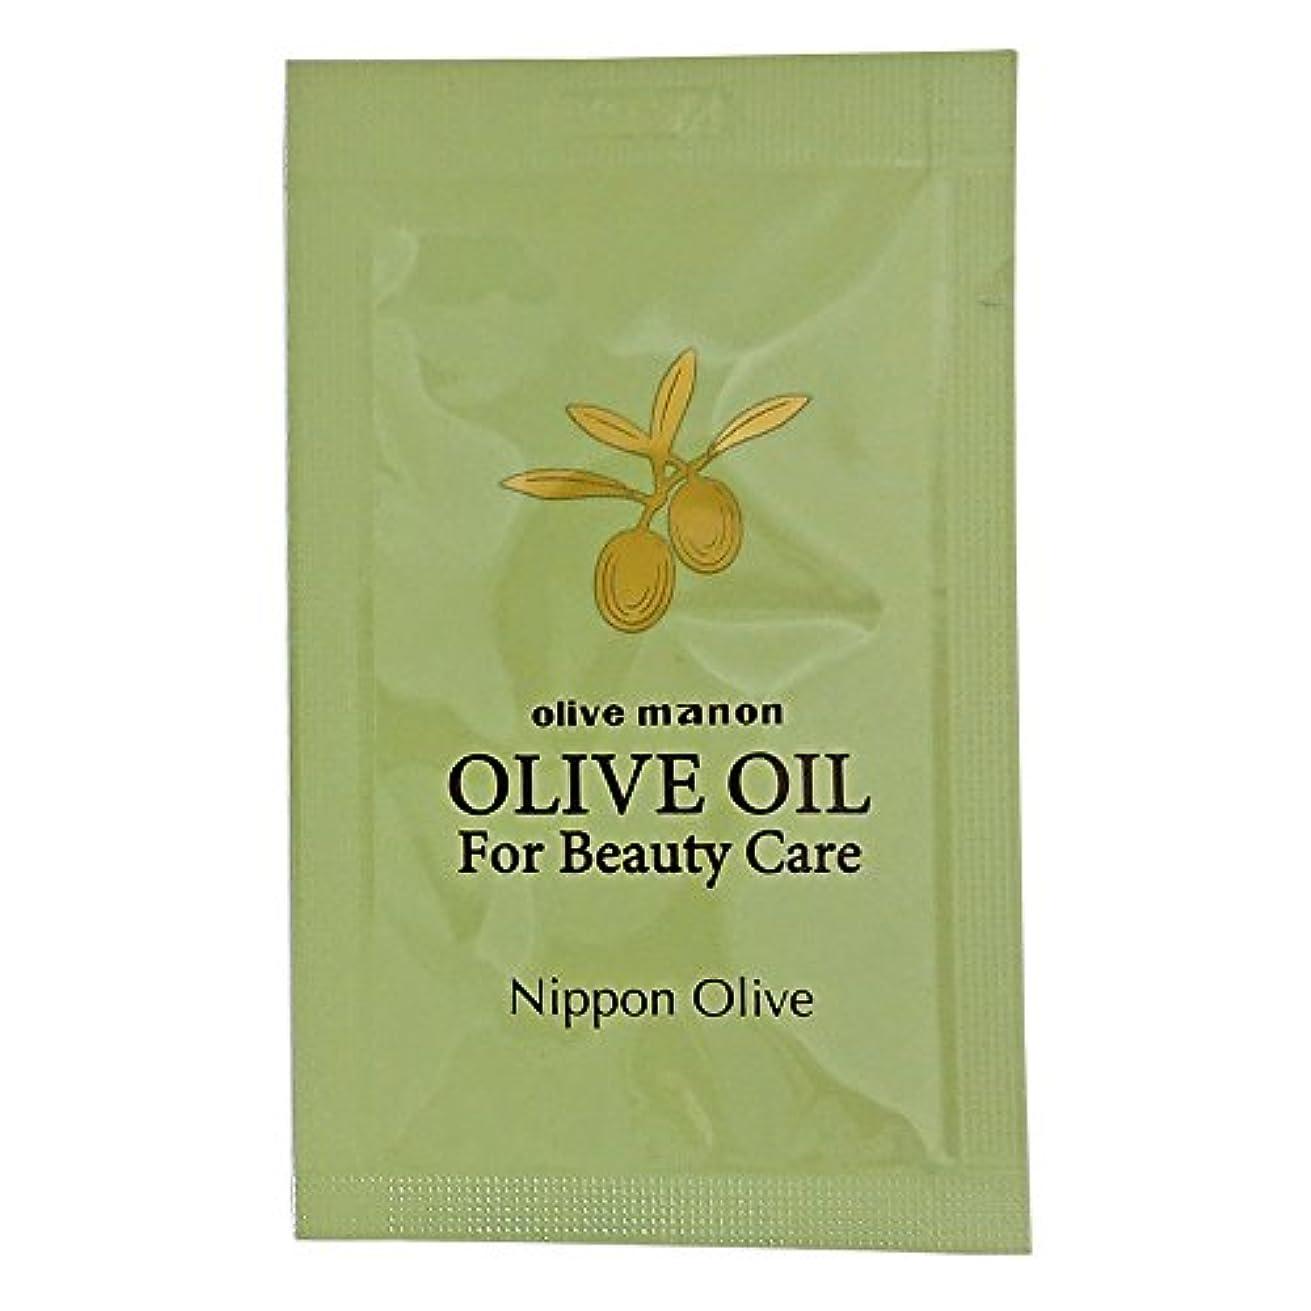 慢性的キリスト要旨日本オリーブ オリーブマノン 化粧用オリーブオイル<化粧用油>4ml